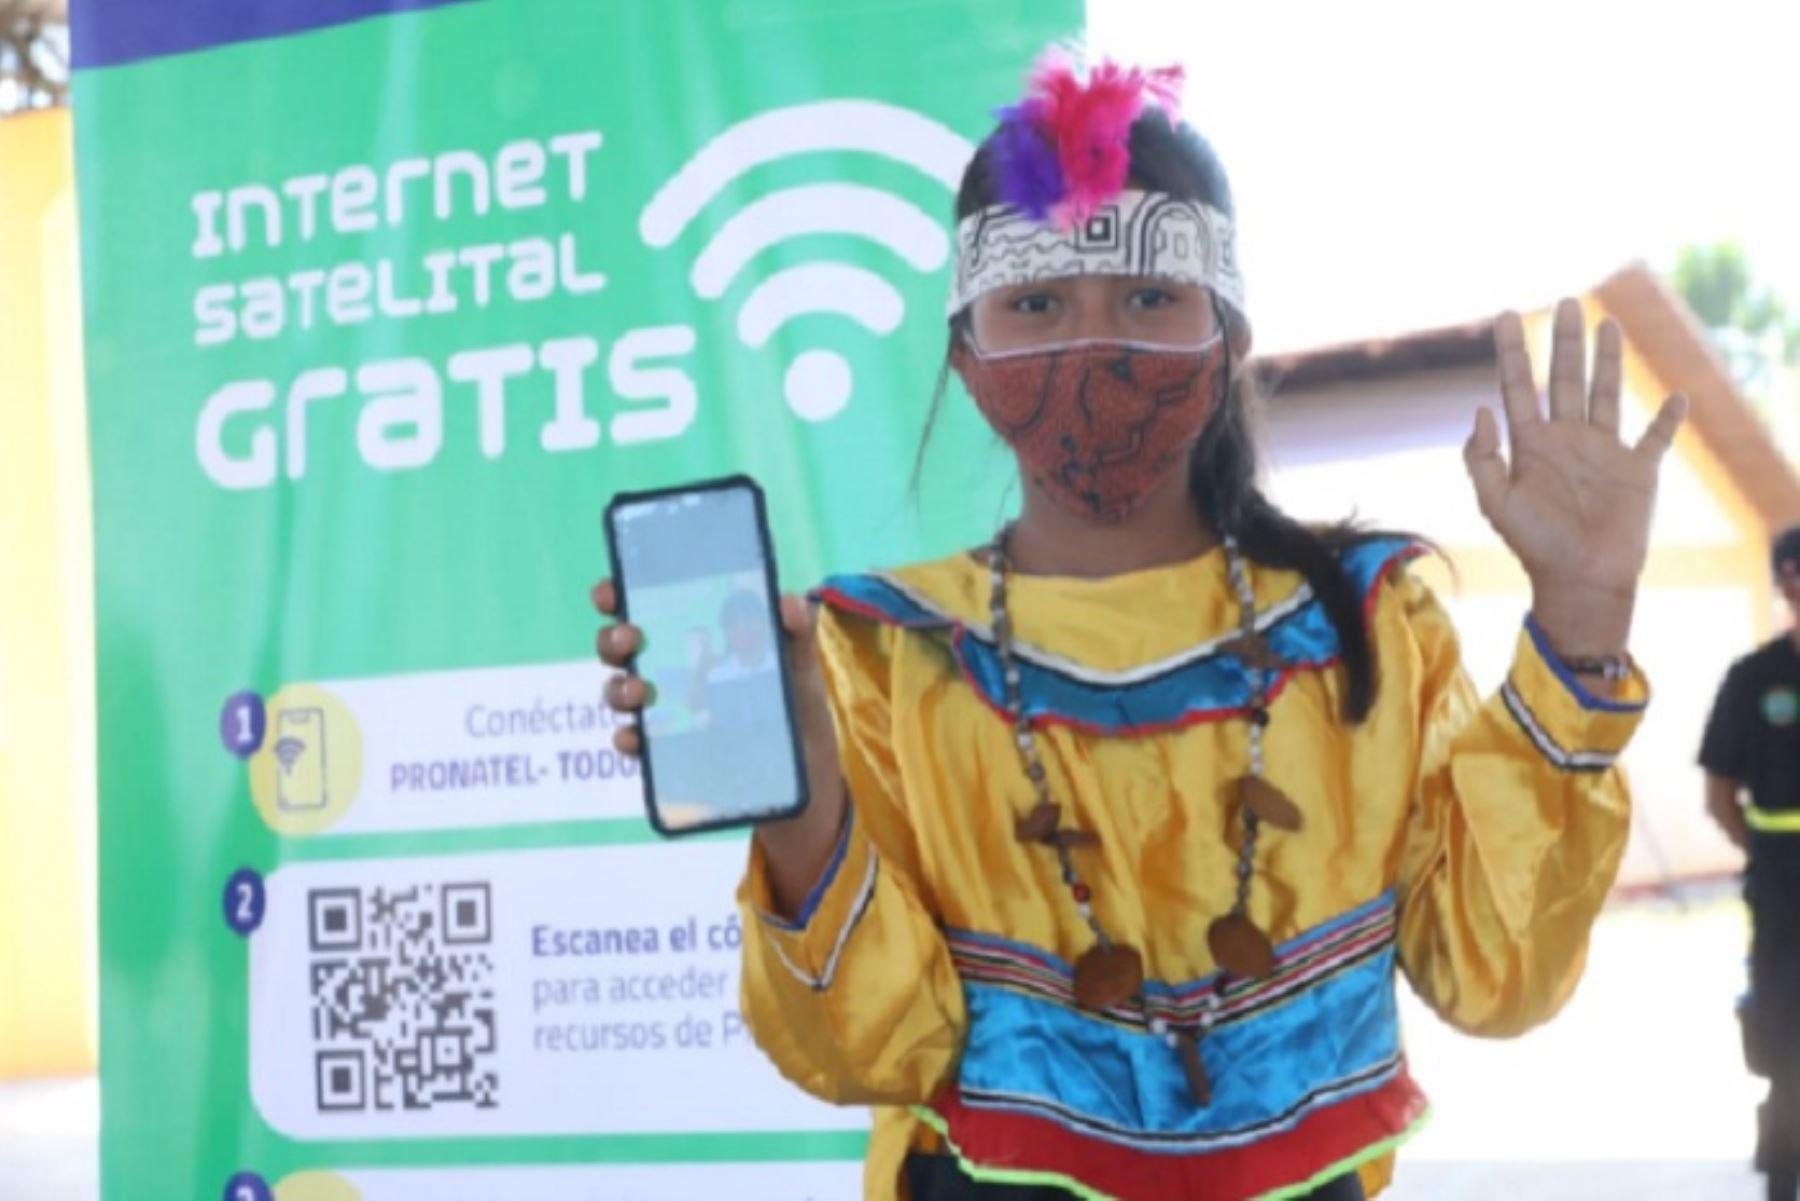 Conecta Selva permitirá instalar Internet satelital en 1,212 instituciones educativas y 104 centros de salud, en las zonas aisladas de las regiones Loreto, Ucayali, Amazonas y Madre de Dios. Este plan se implementará en tres etapas hasta diciembre de 2021.